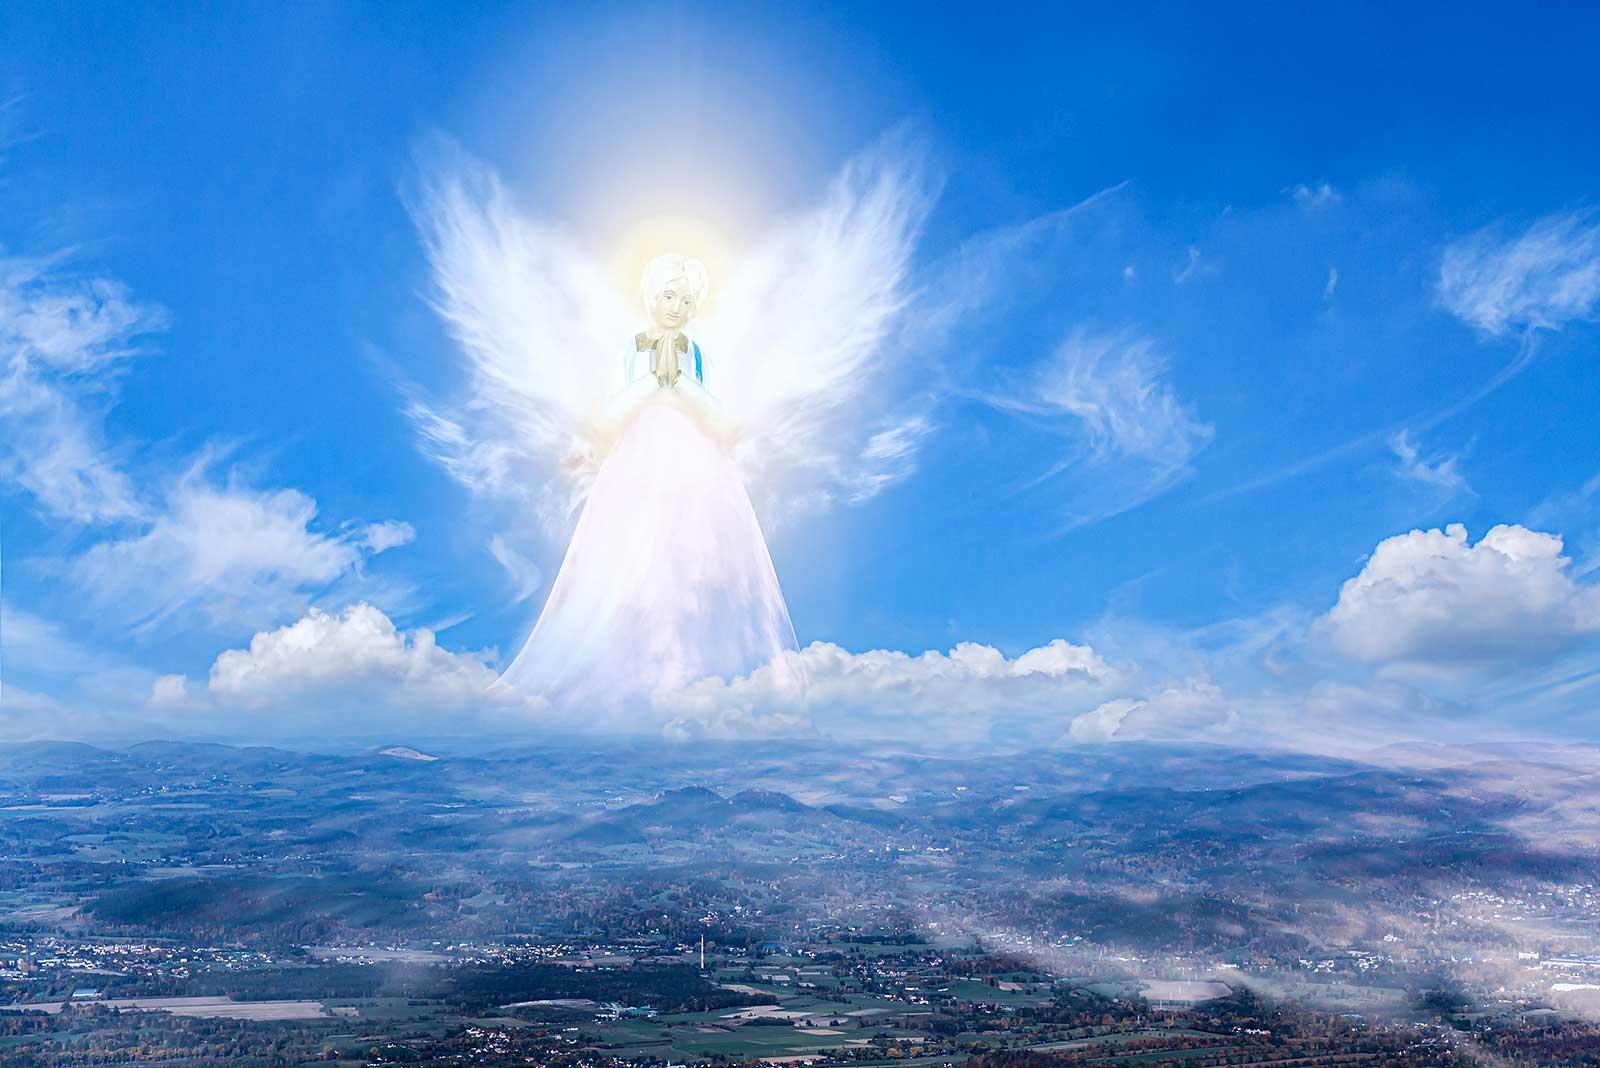 anděl na obloze